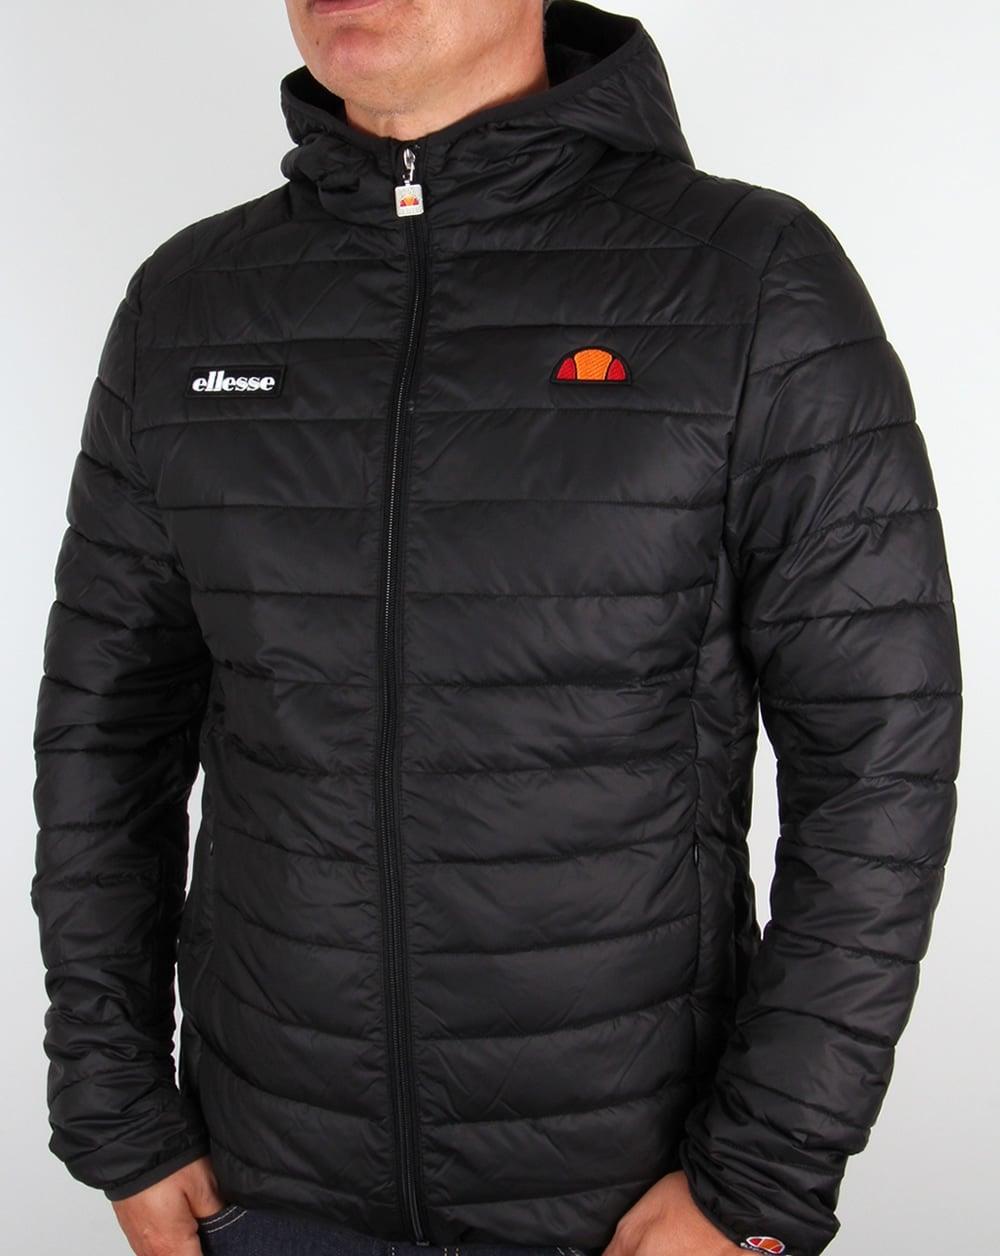 best deals on promo code offer Ellesse Padded Jacket Black